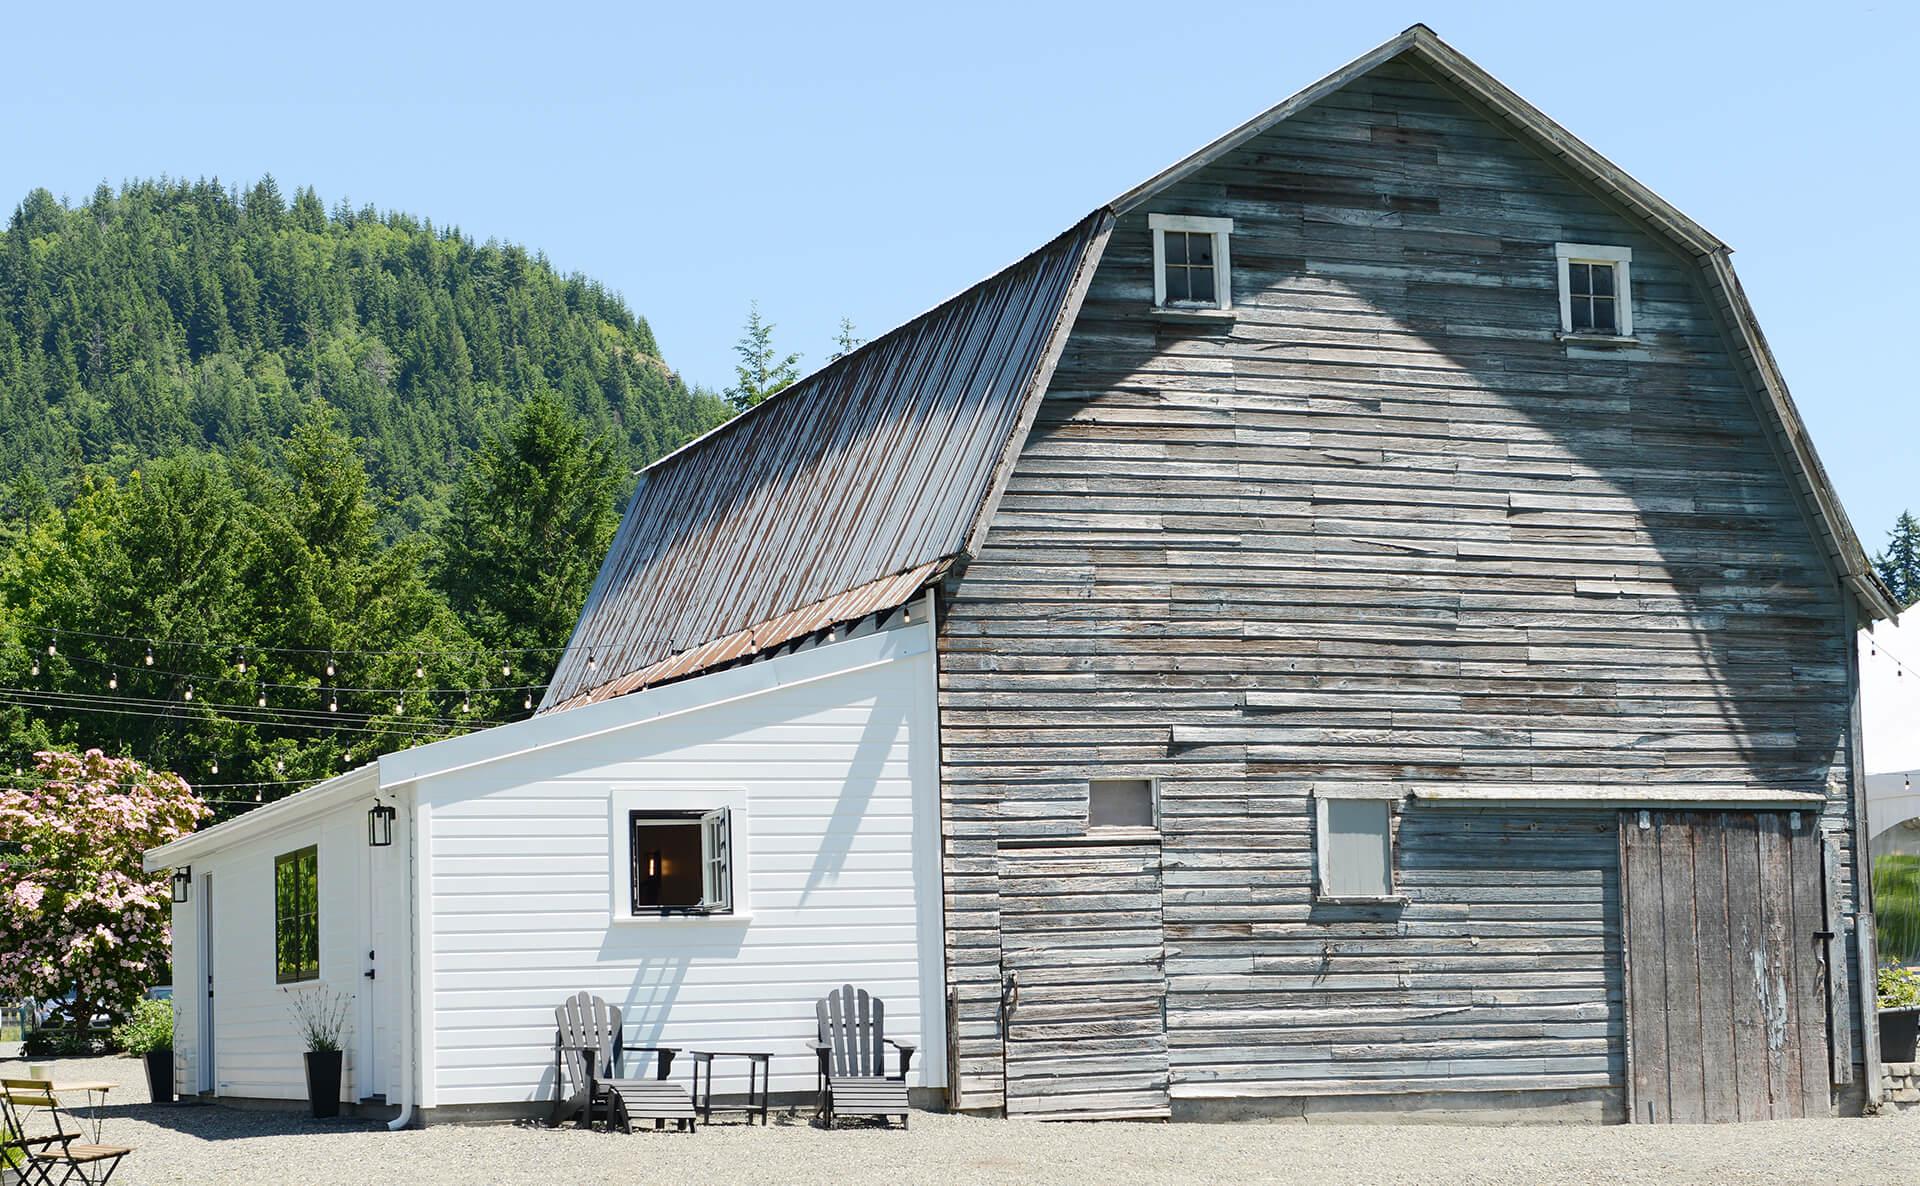 Grooms quarters exterior